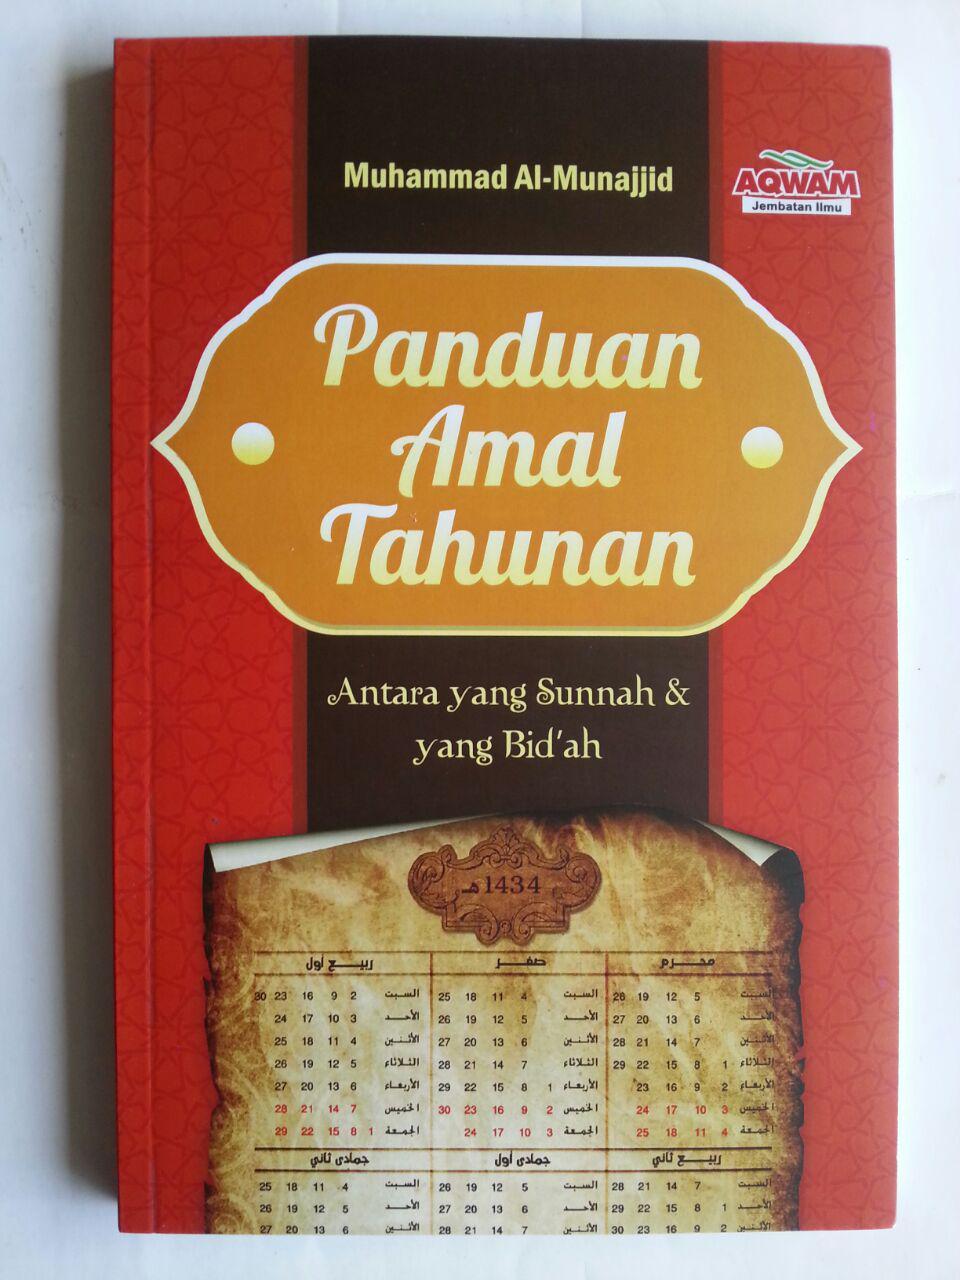 Buku Panduan Amal tahunan Antara Yang Sunnah Dan Bid'ah cover 2